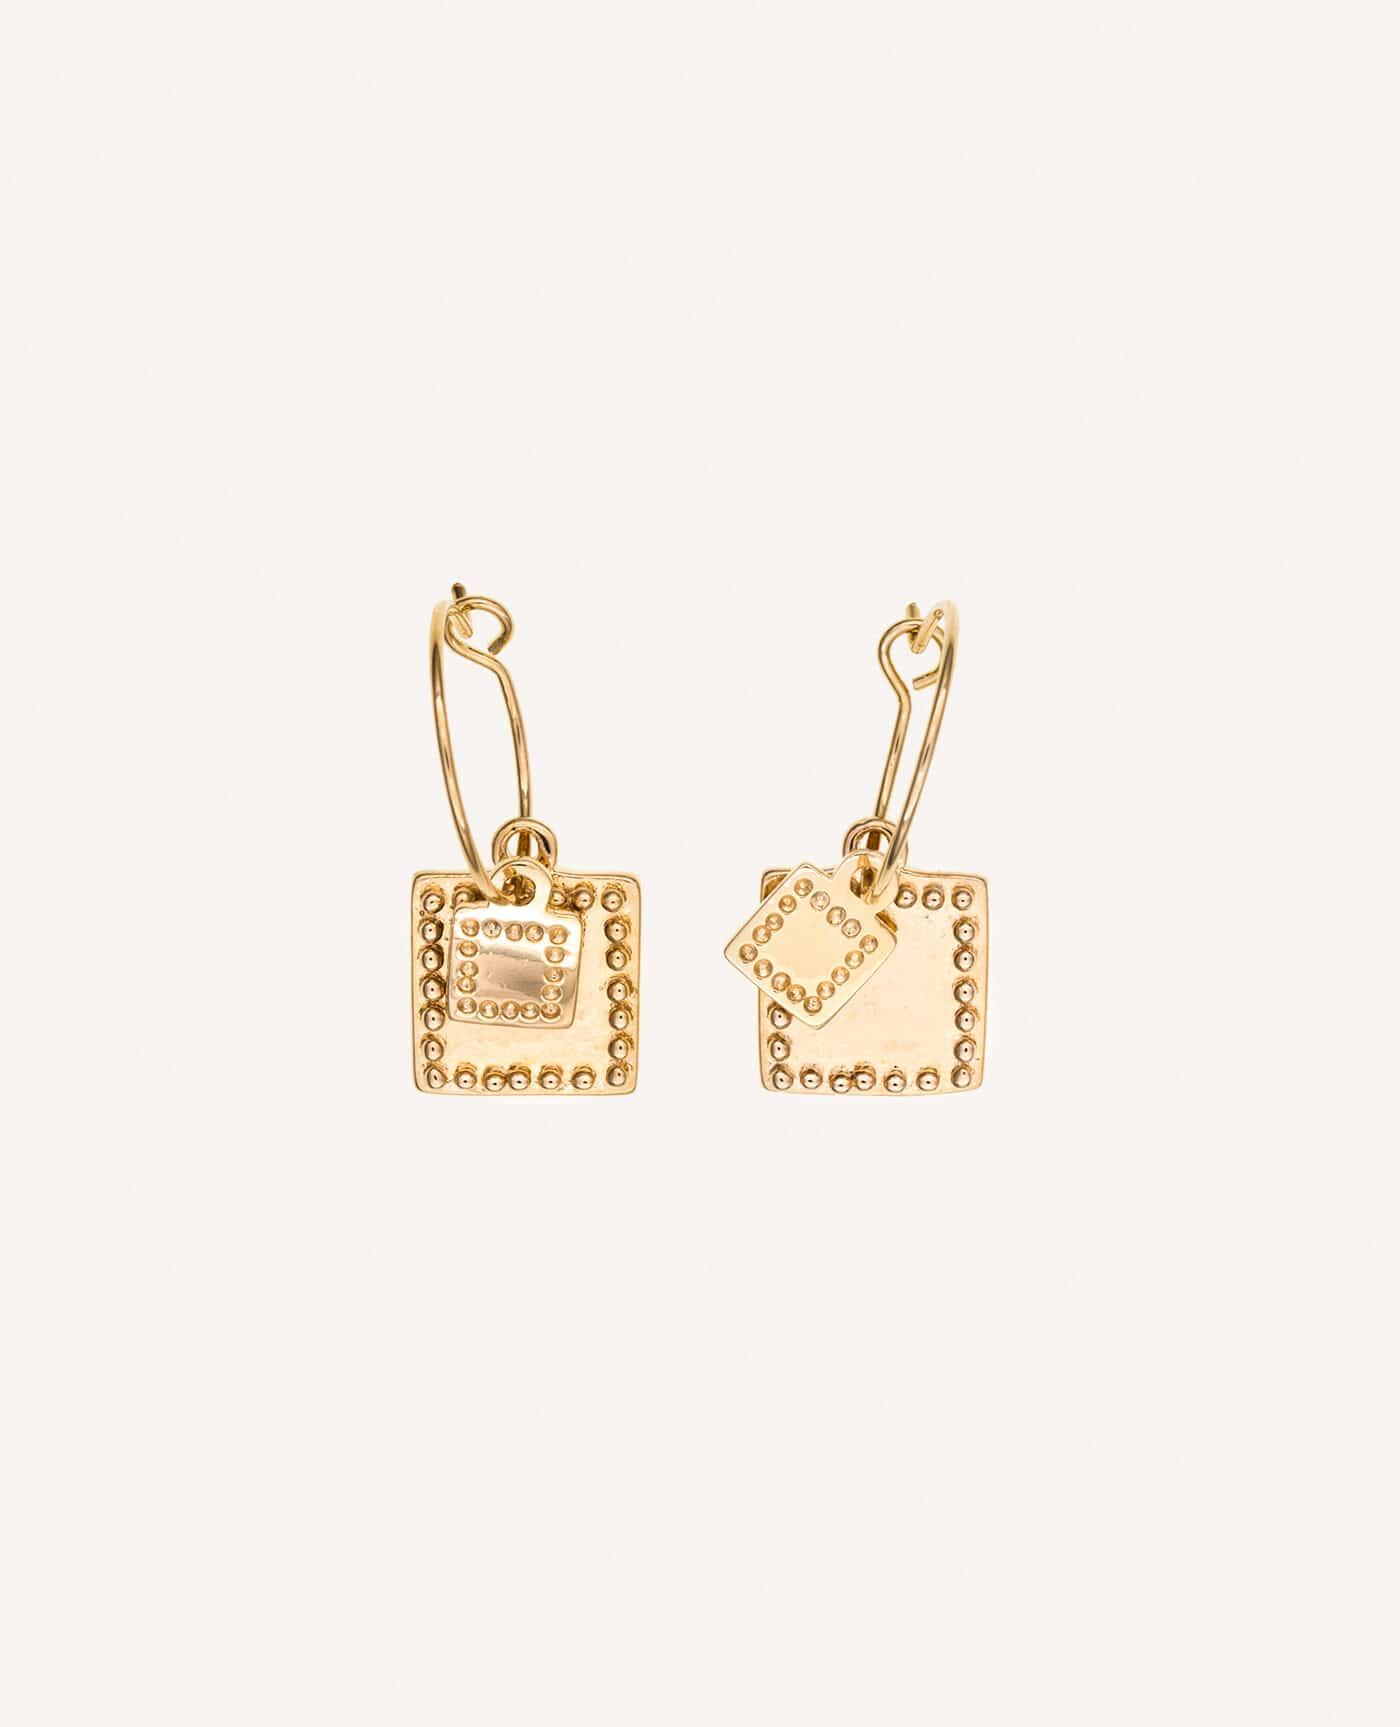 Boucles d'oreilles Agathe créoles double charms de la marque Luj Paris